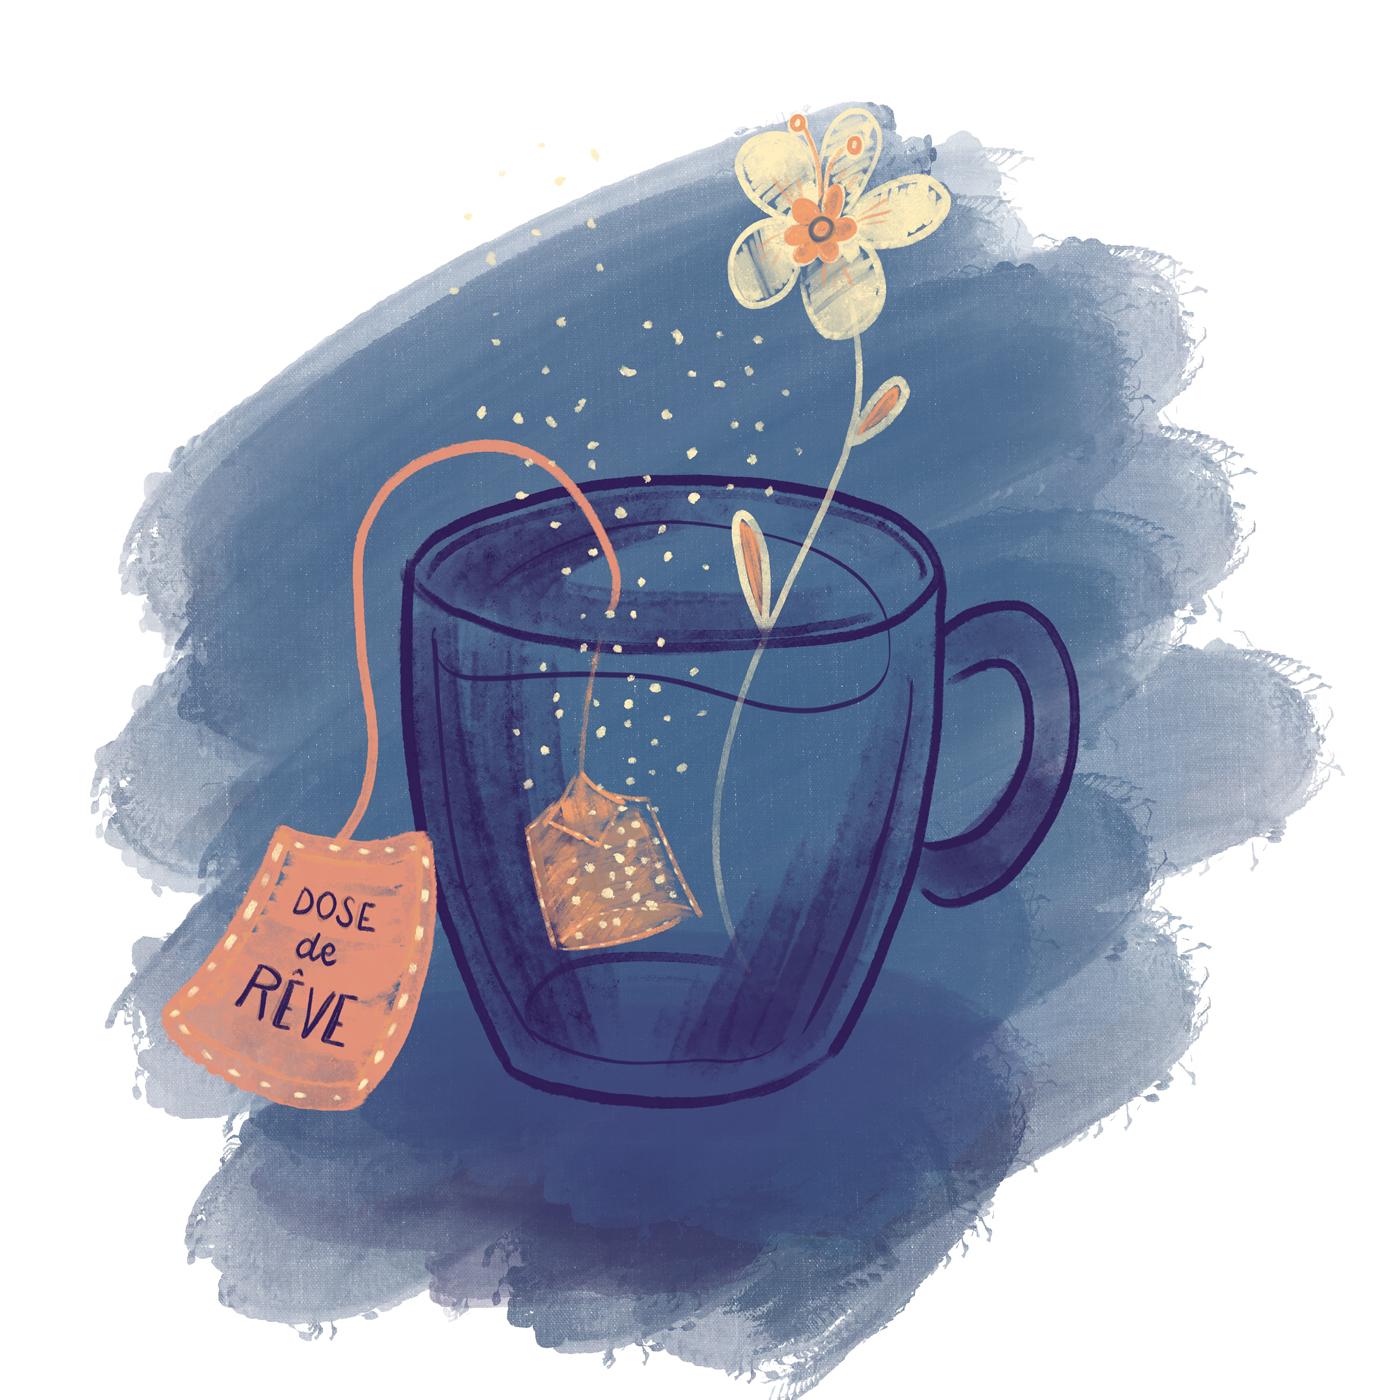 """Tasse de thé d'où sort une fleur. Le sachet est appelé """"dose de rêve"""""""